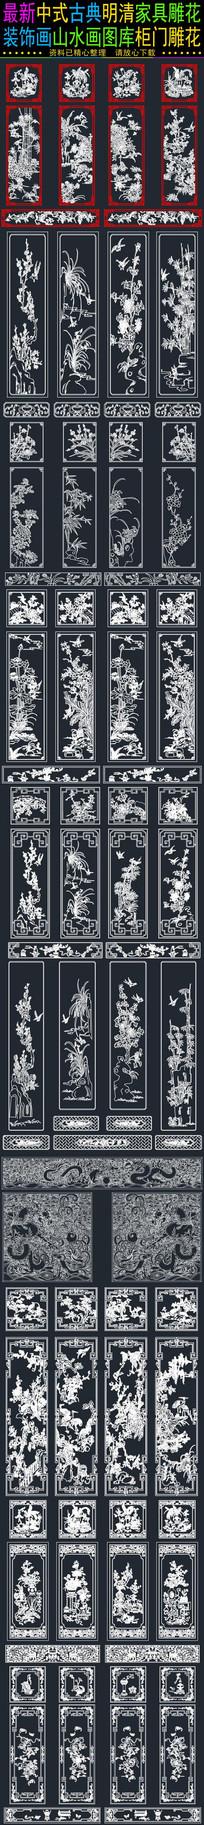 中式古典明清家具雕花图库